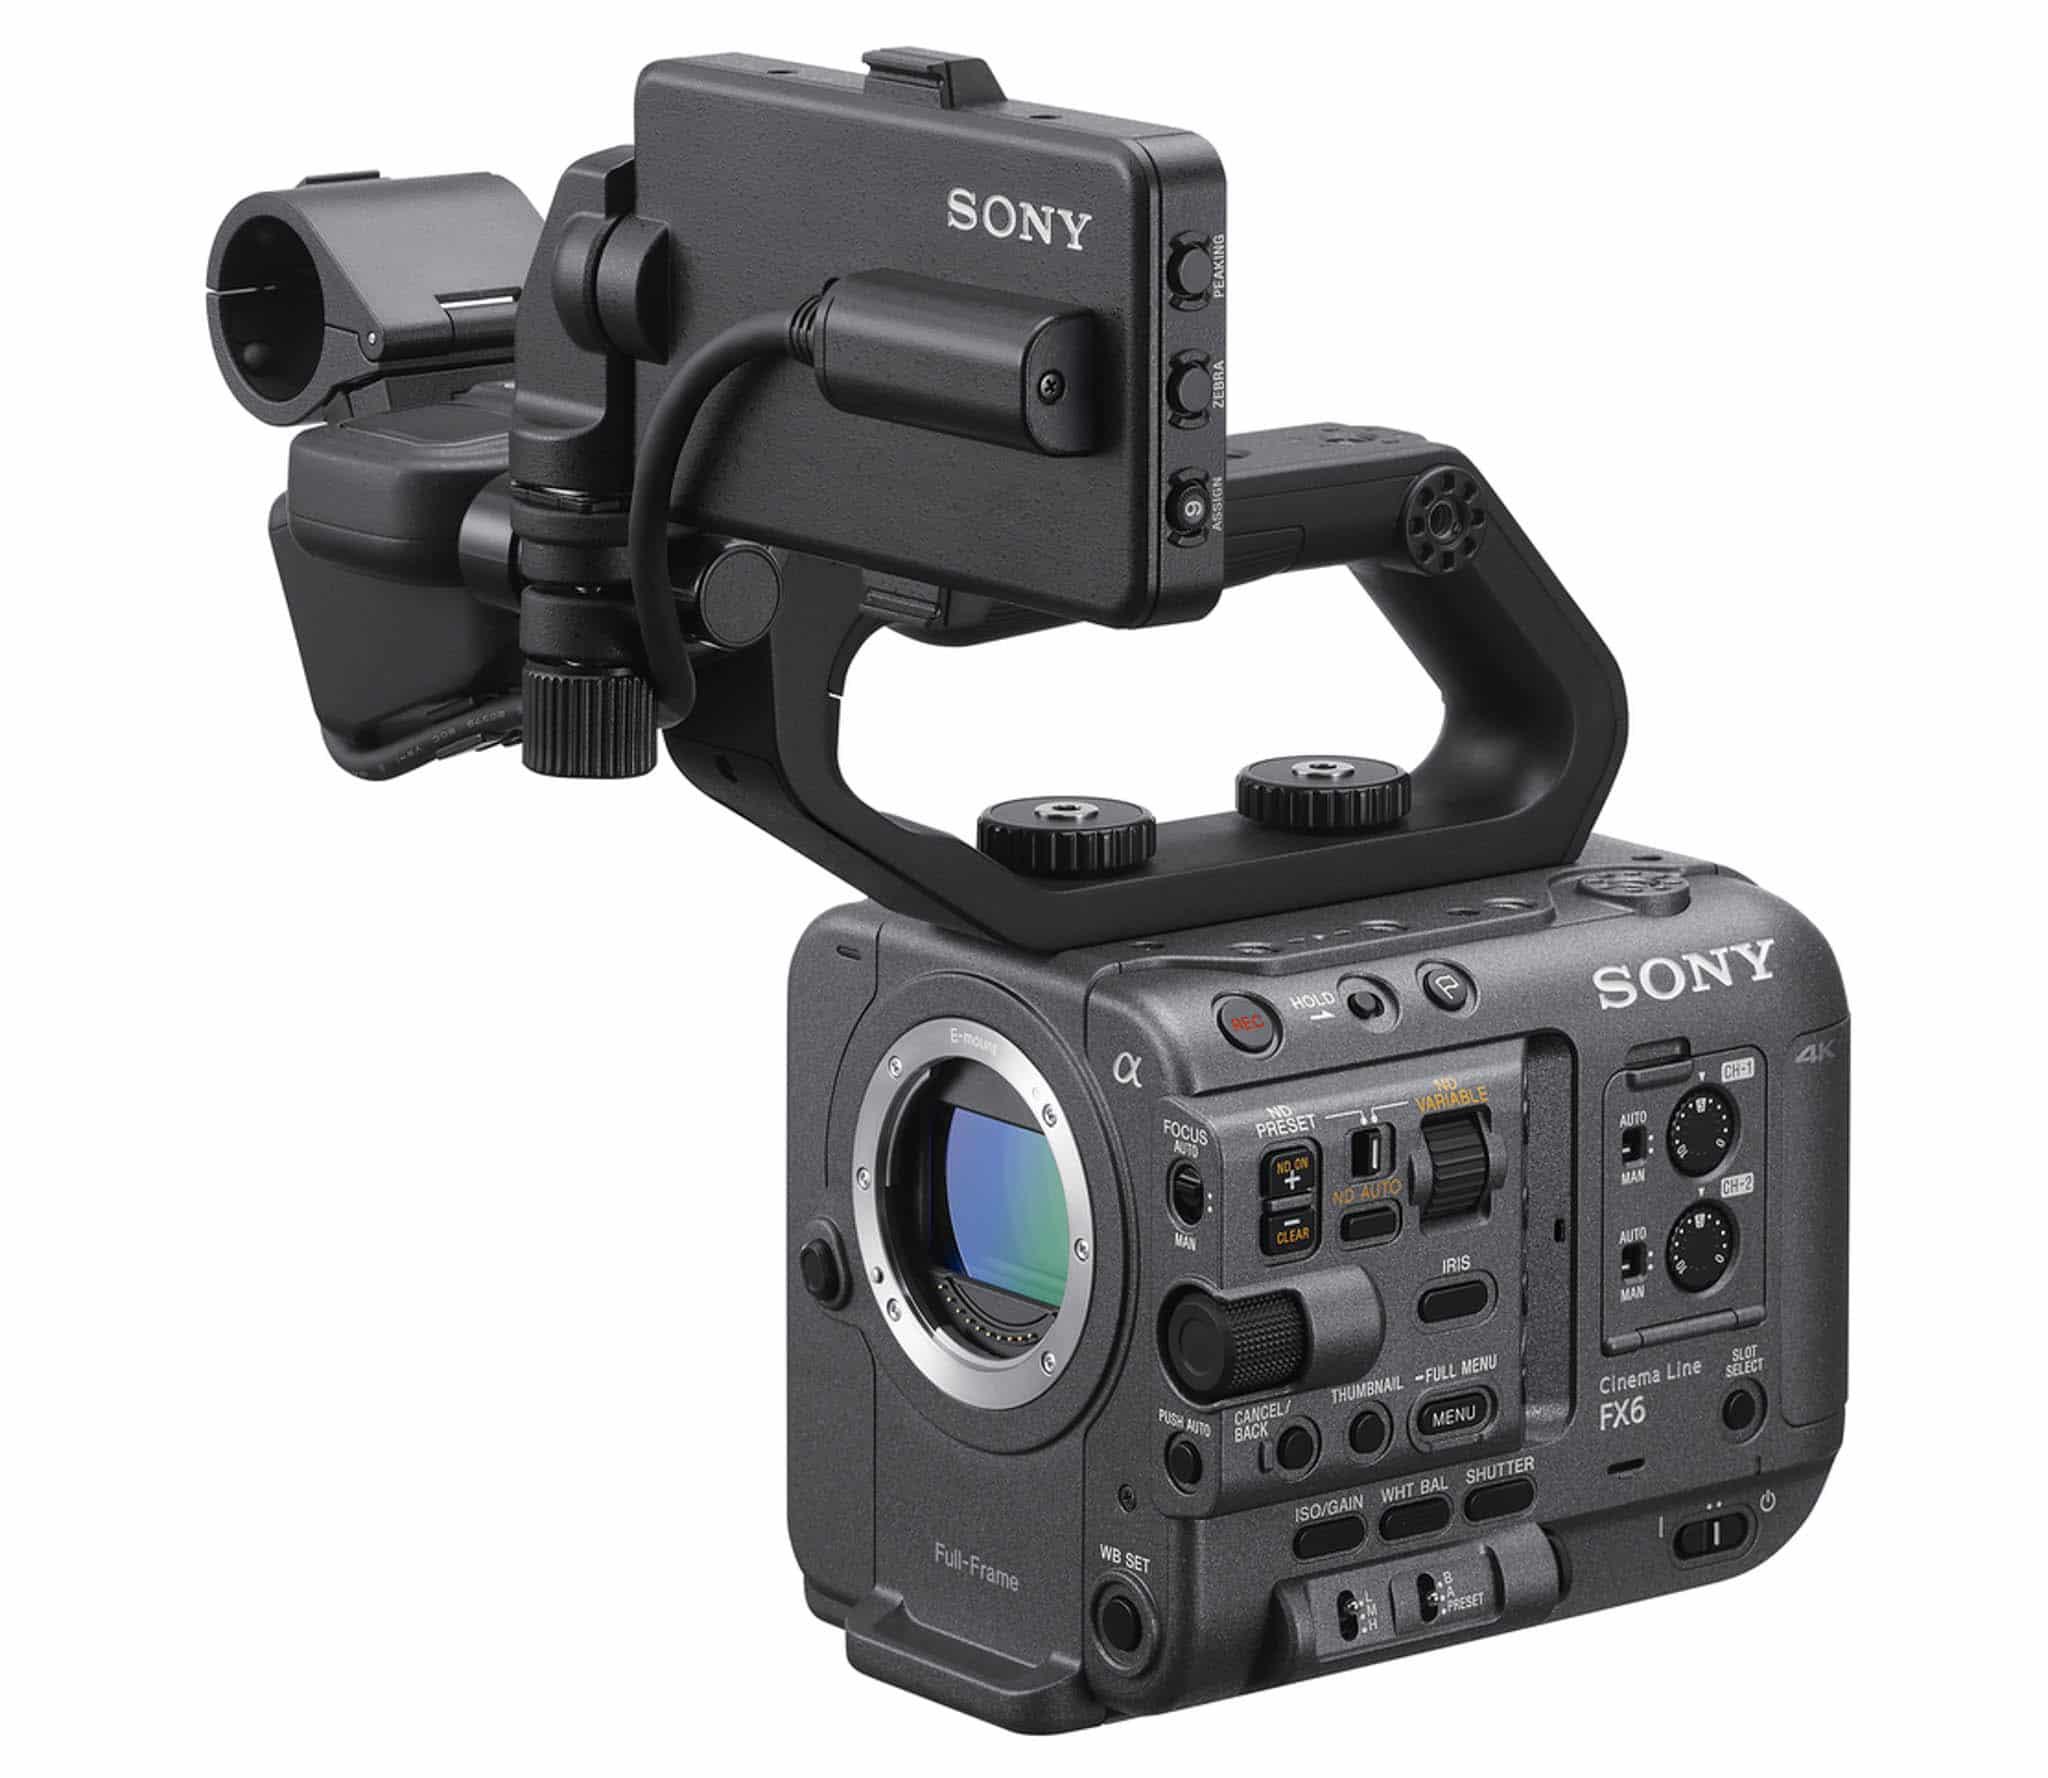 Sony ra mắt FX6 – Camera gọn nhẹ với cảm biến Full-Frame cho trải nghiệm điện ảnh ấn tượng